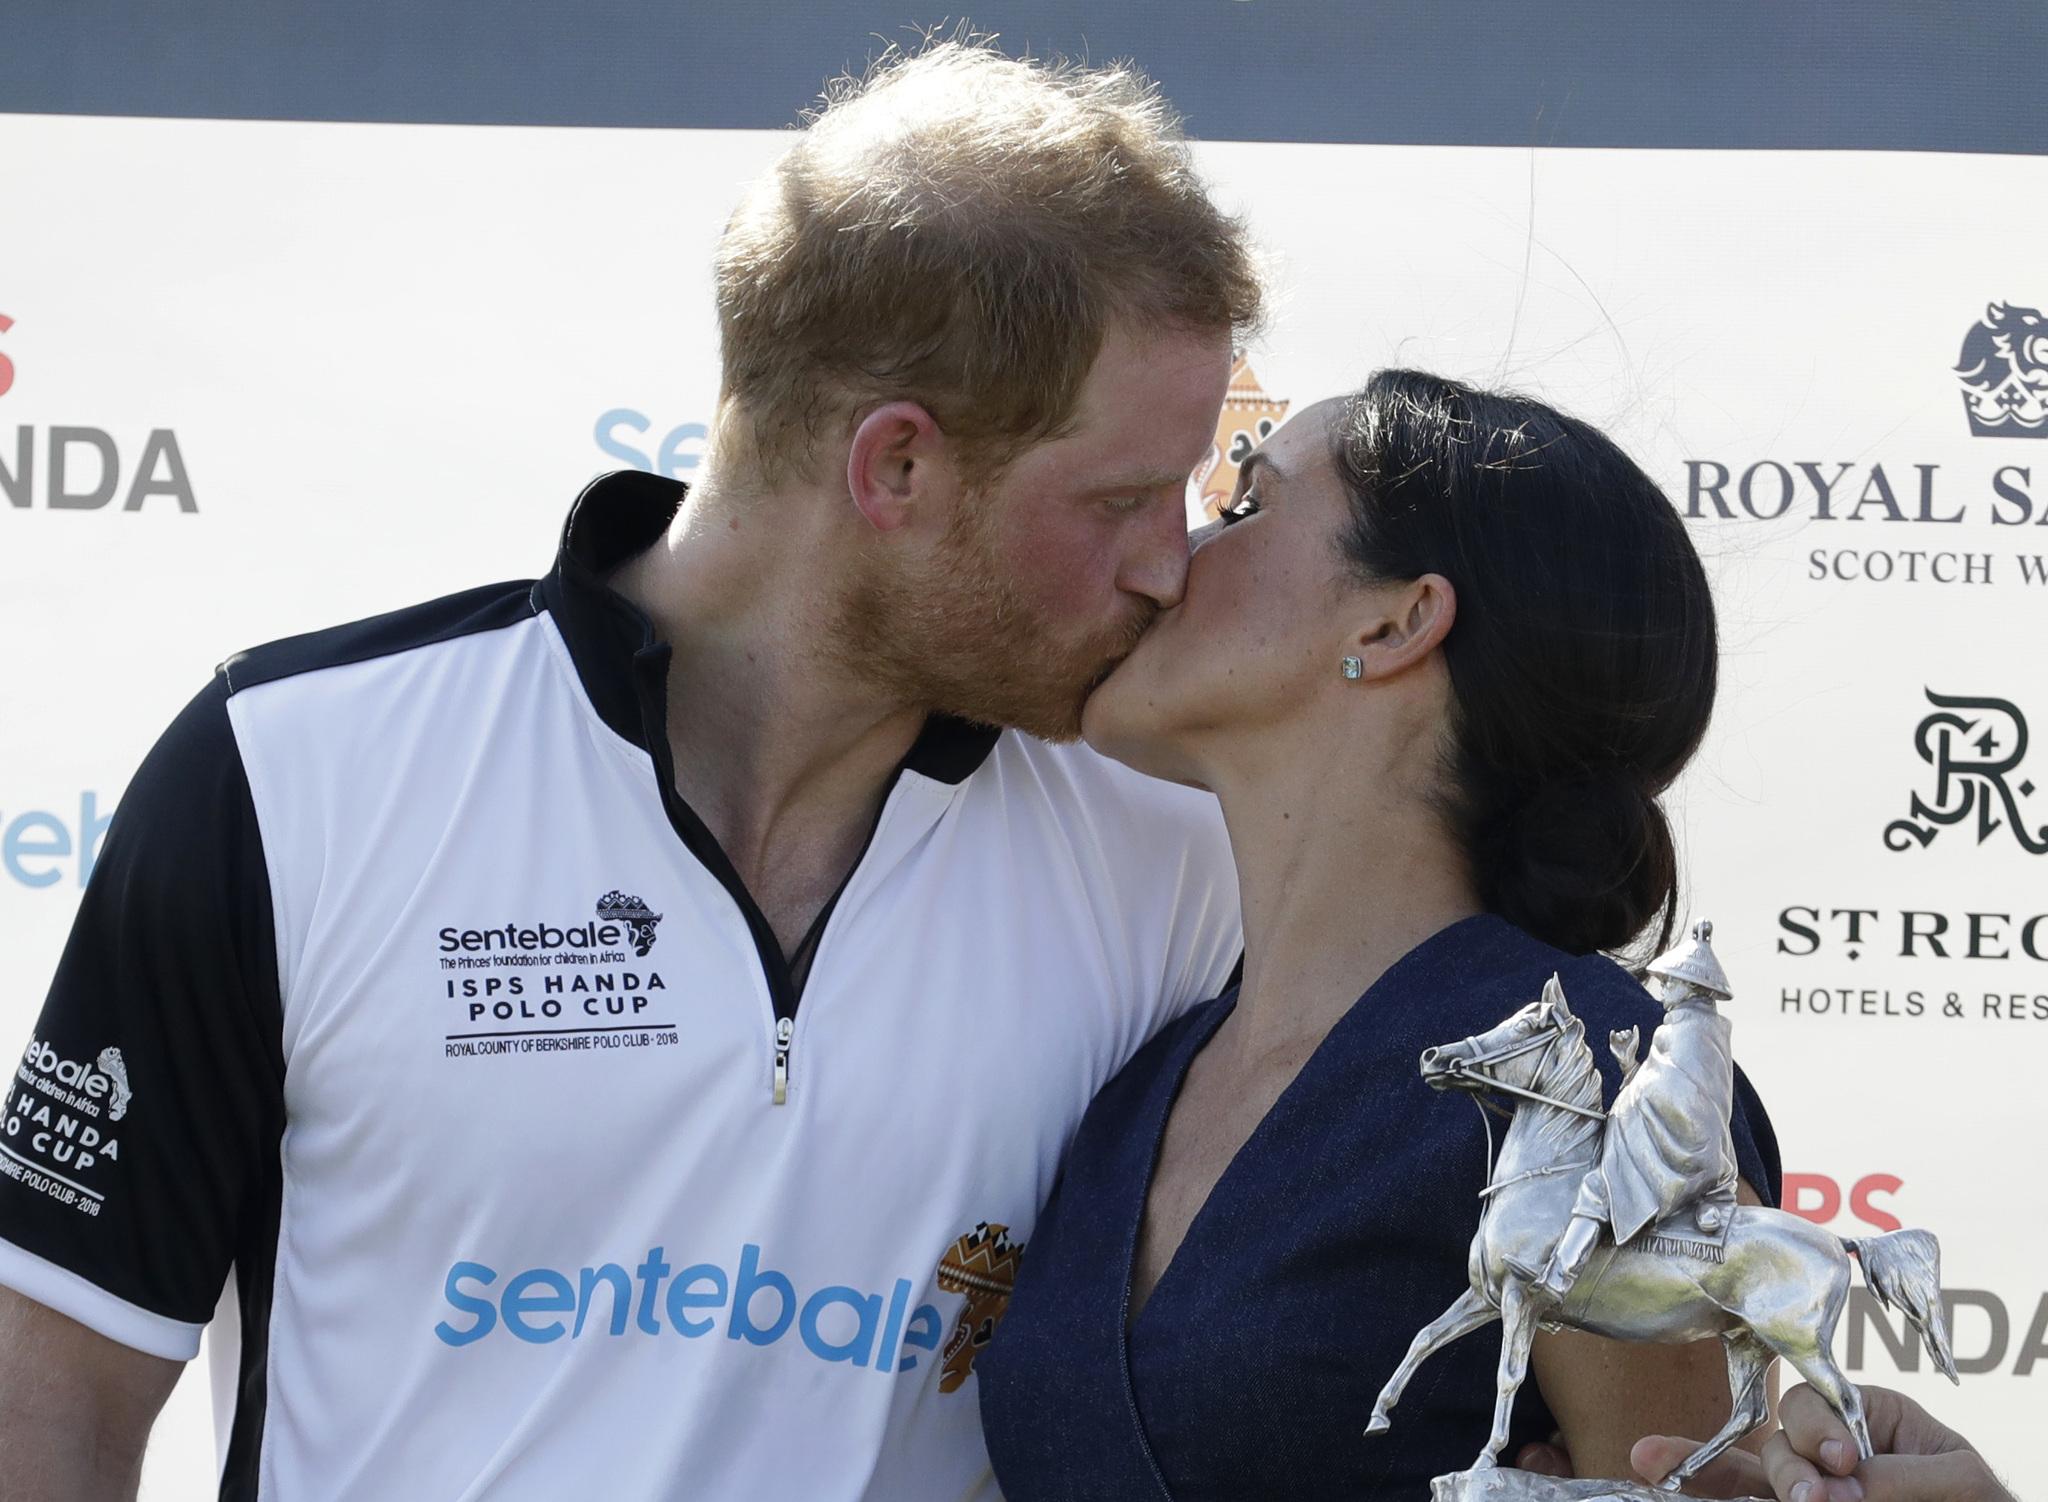 El famoso beso de los duques de Sussex captado por el fotógrafo Tim...